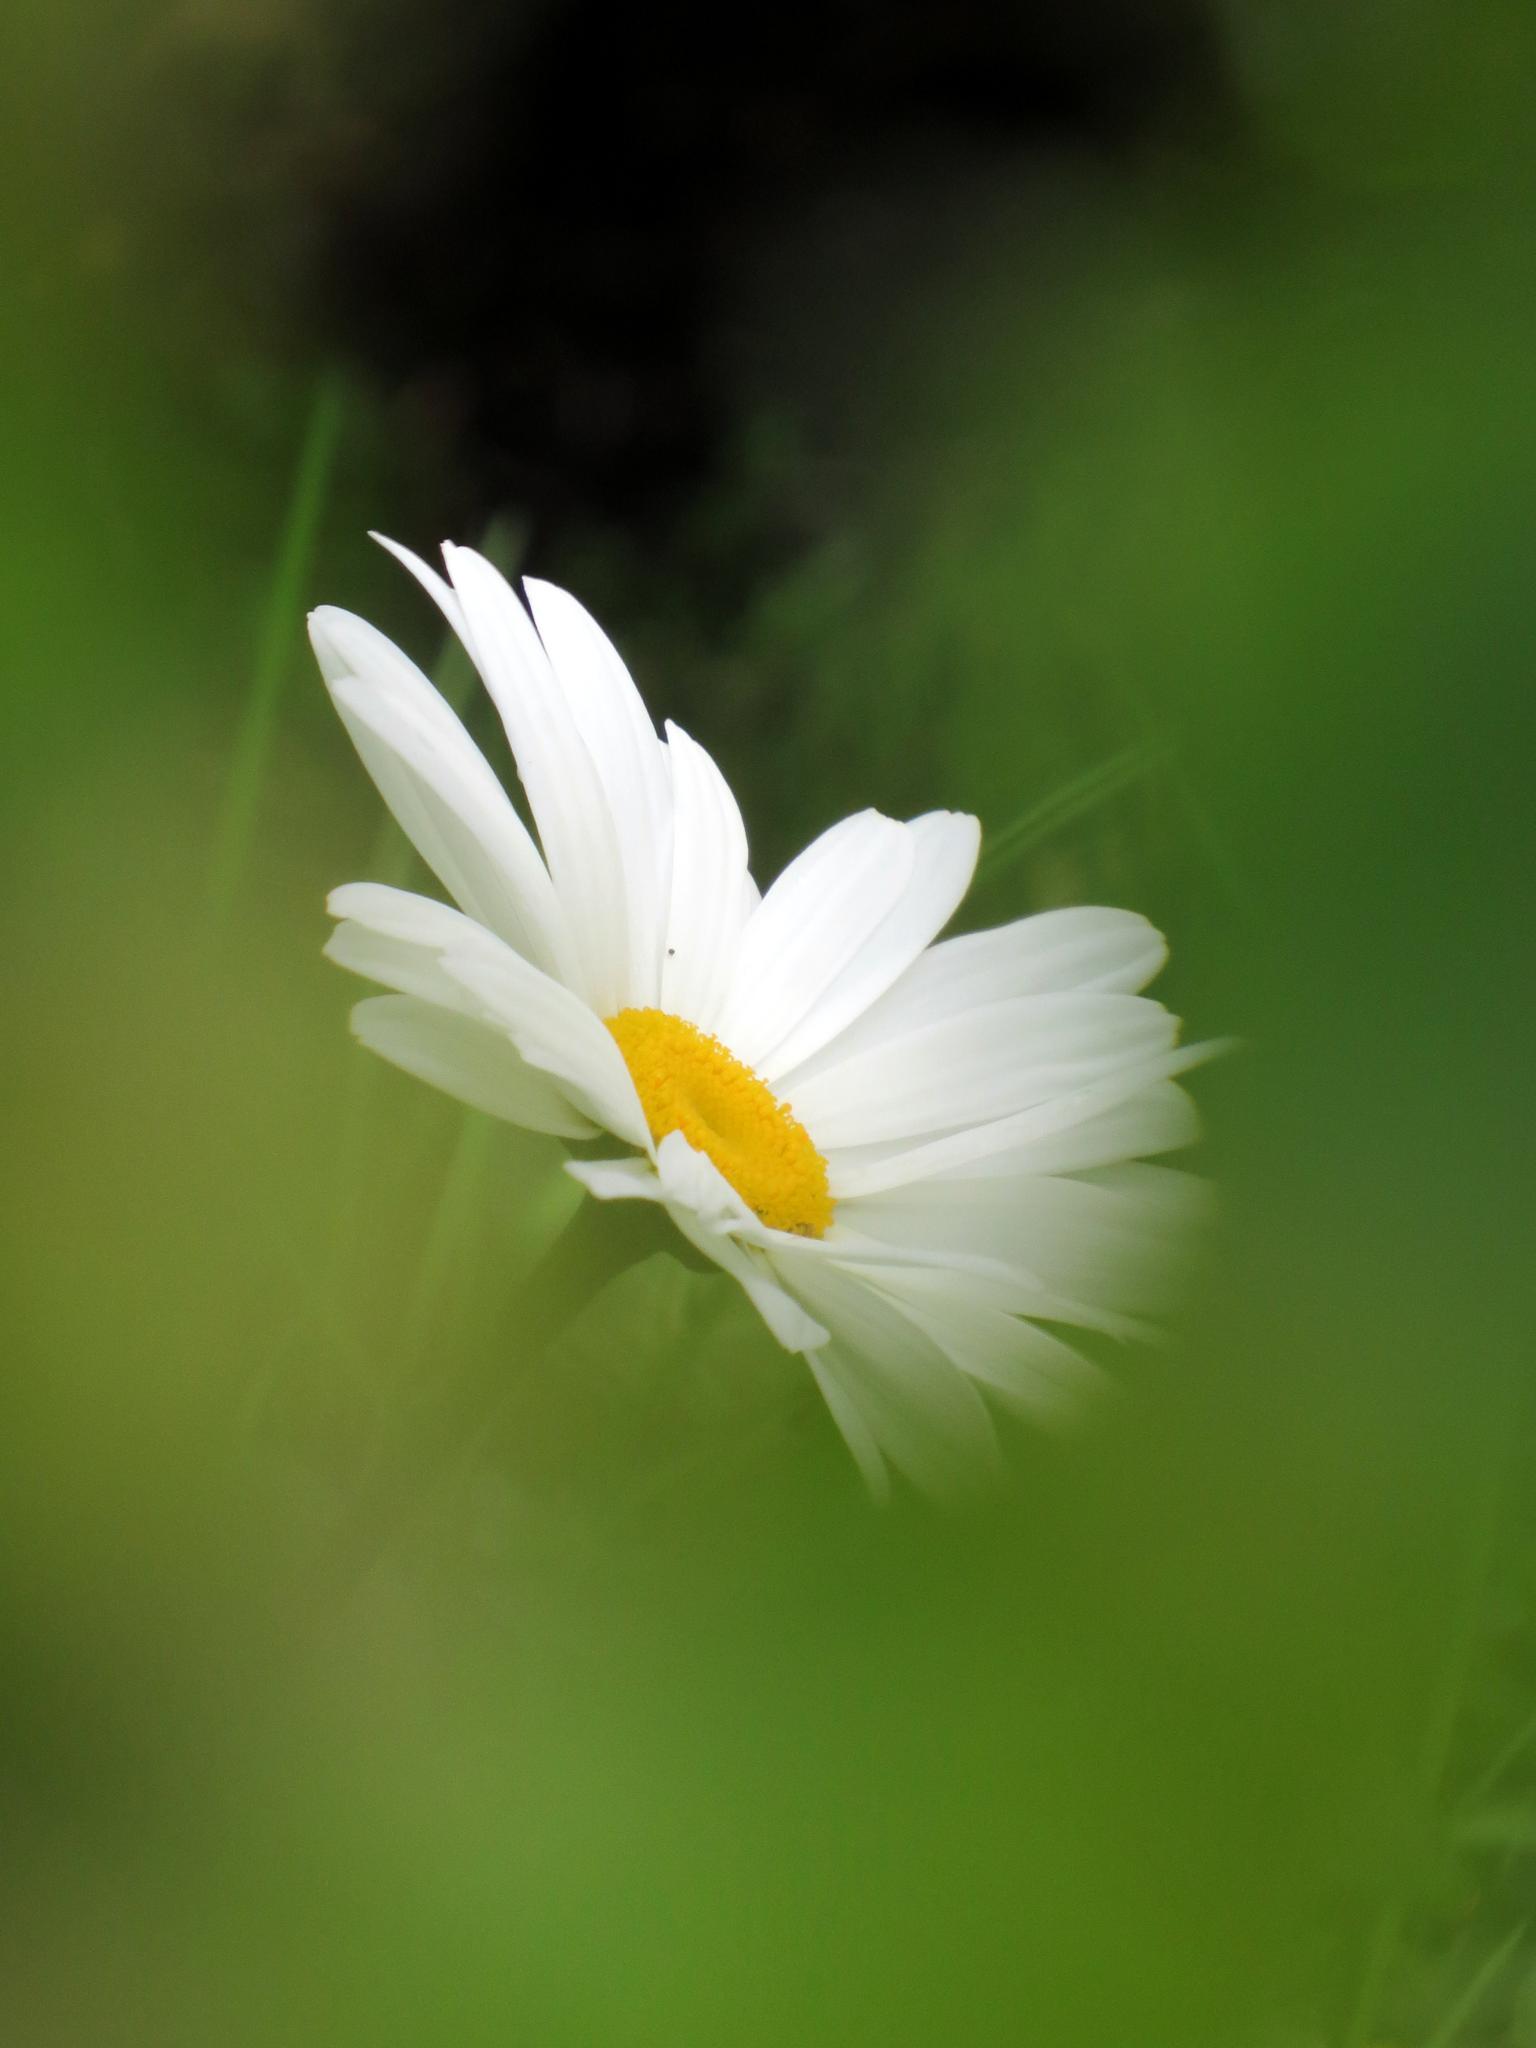 #Daisy by marit